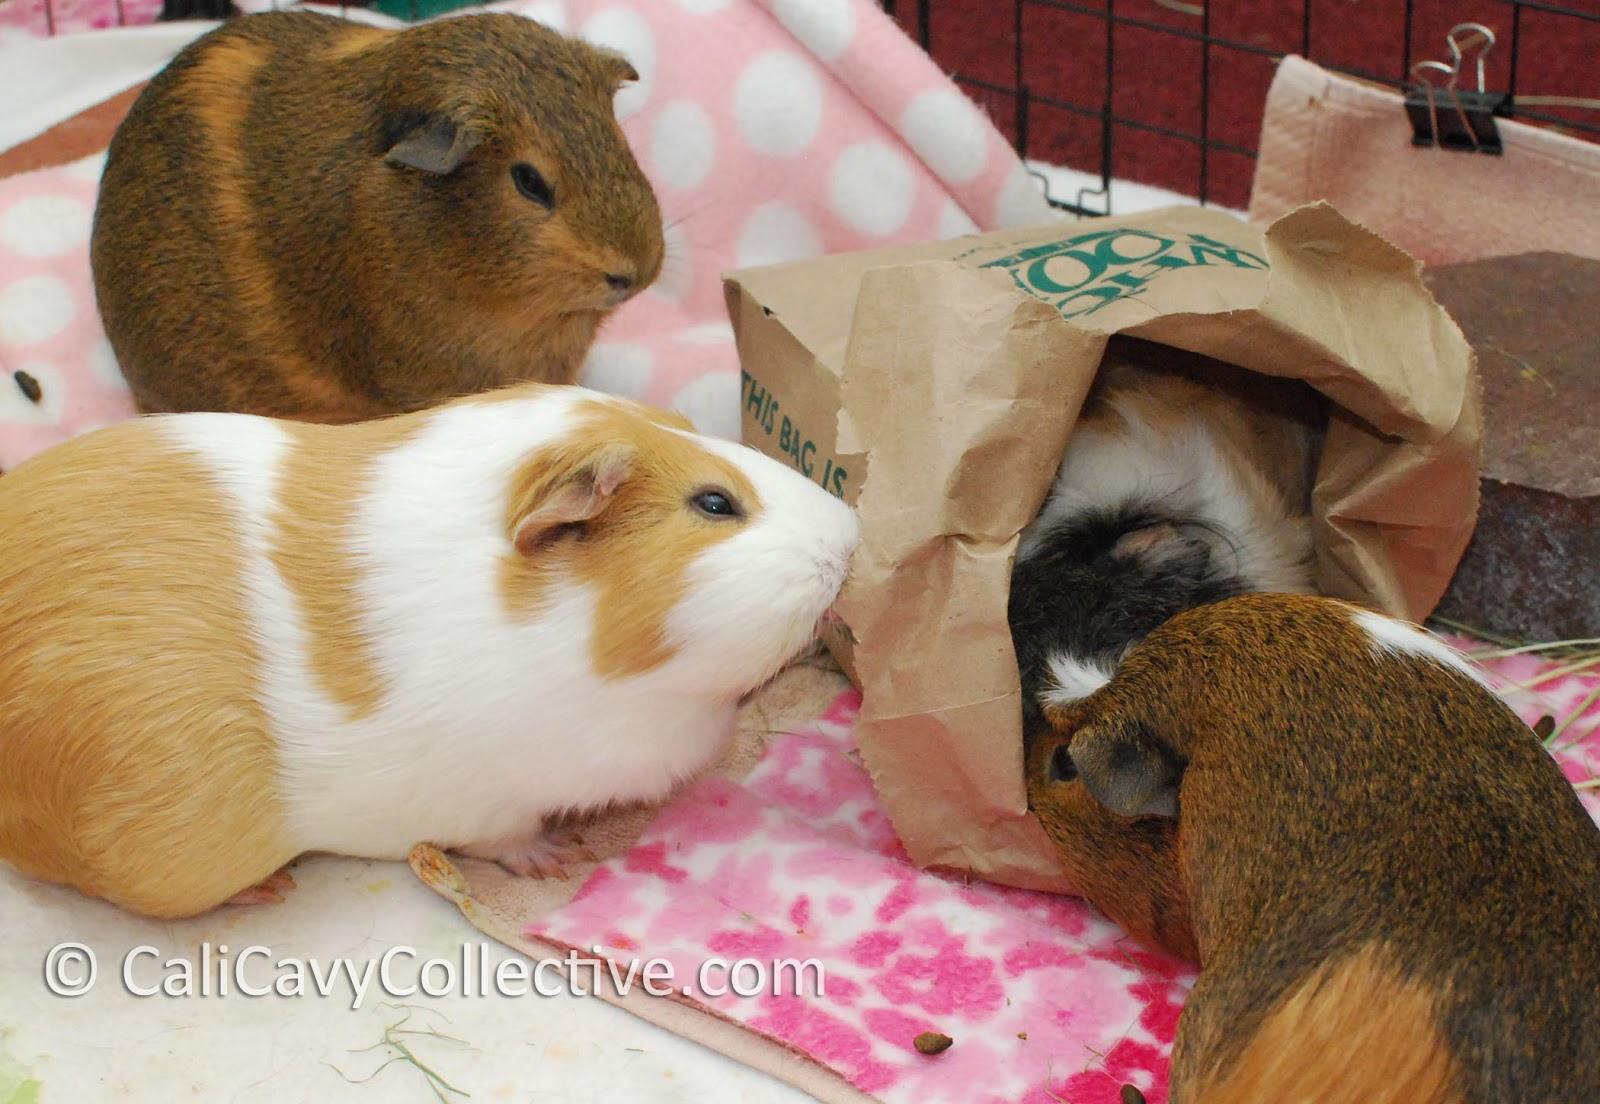 Homemade guinea pig toys wow blog for Diy guinea pig things